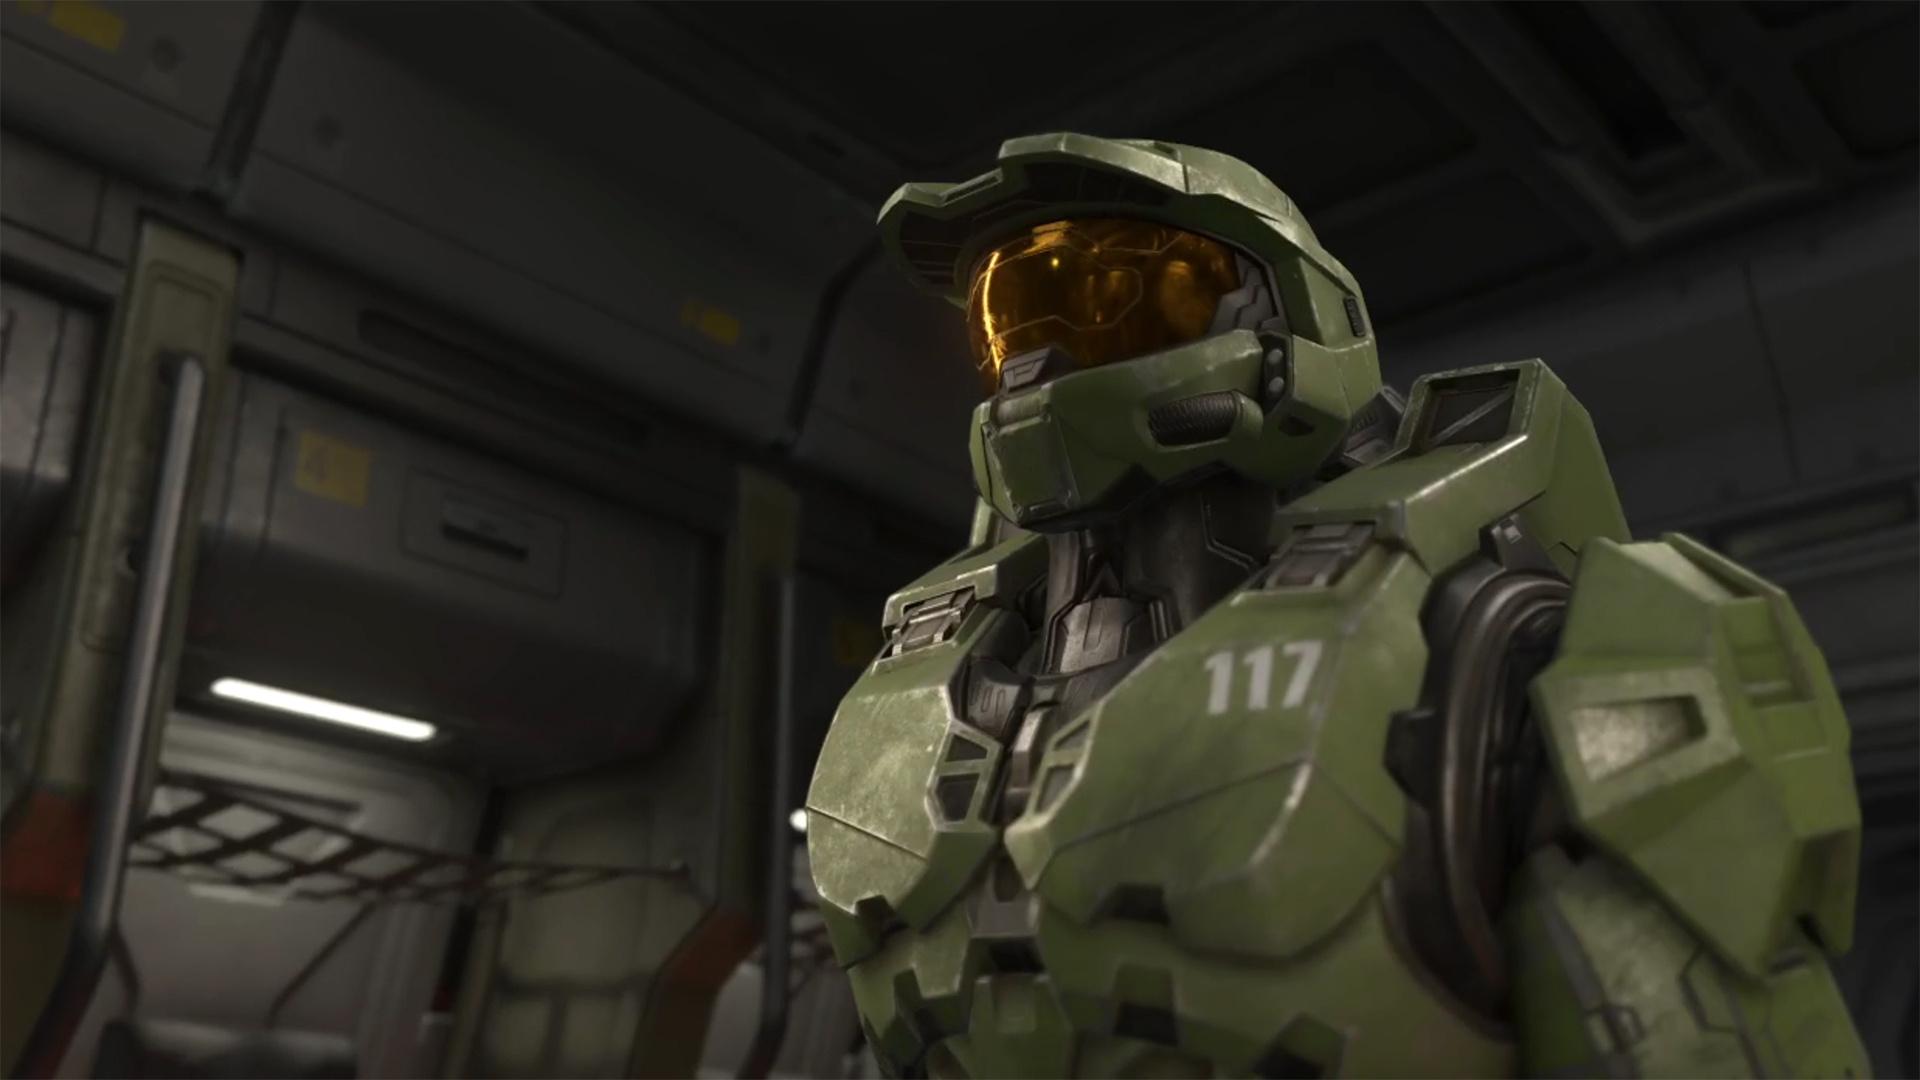 В 343 Industries прокомментировали слухи о «королевской битве» Halo